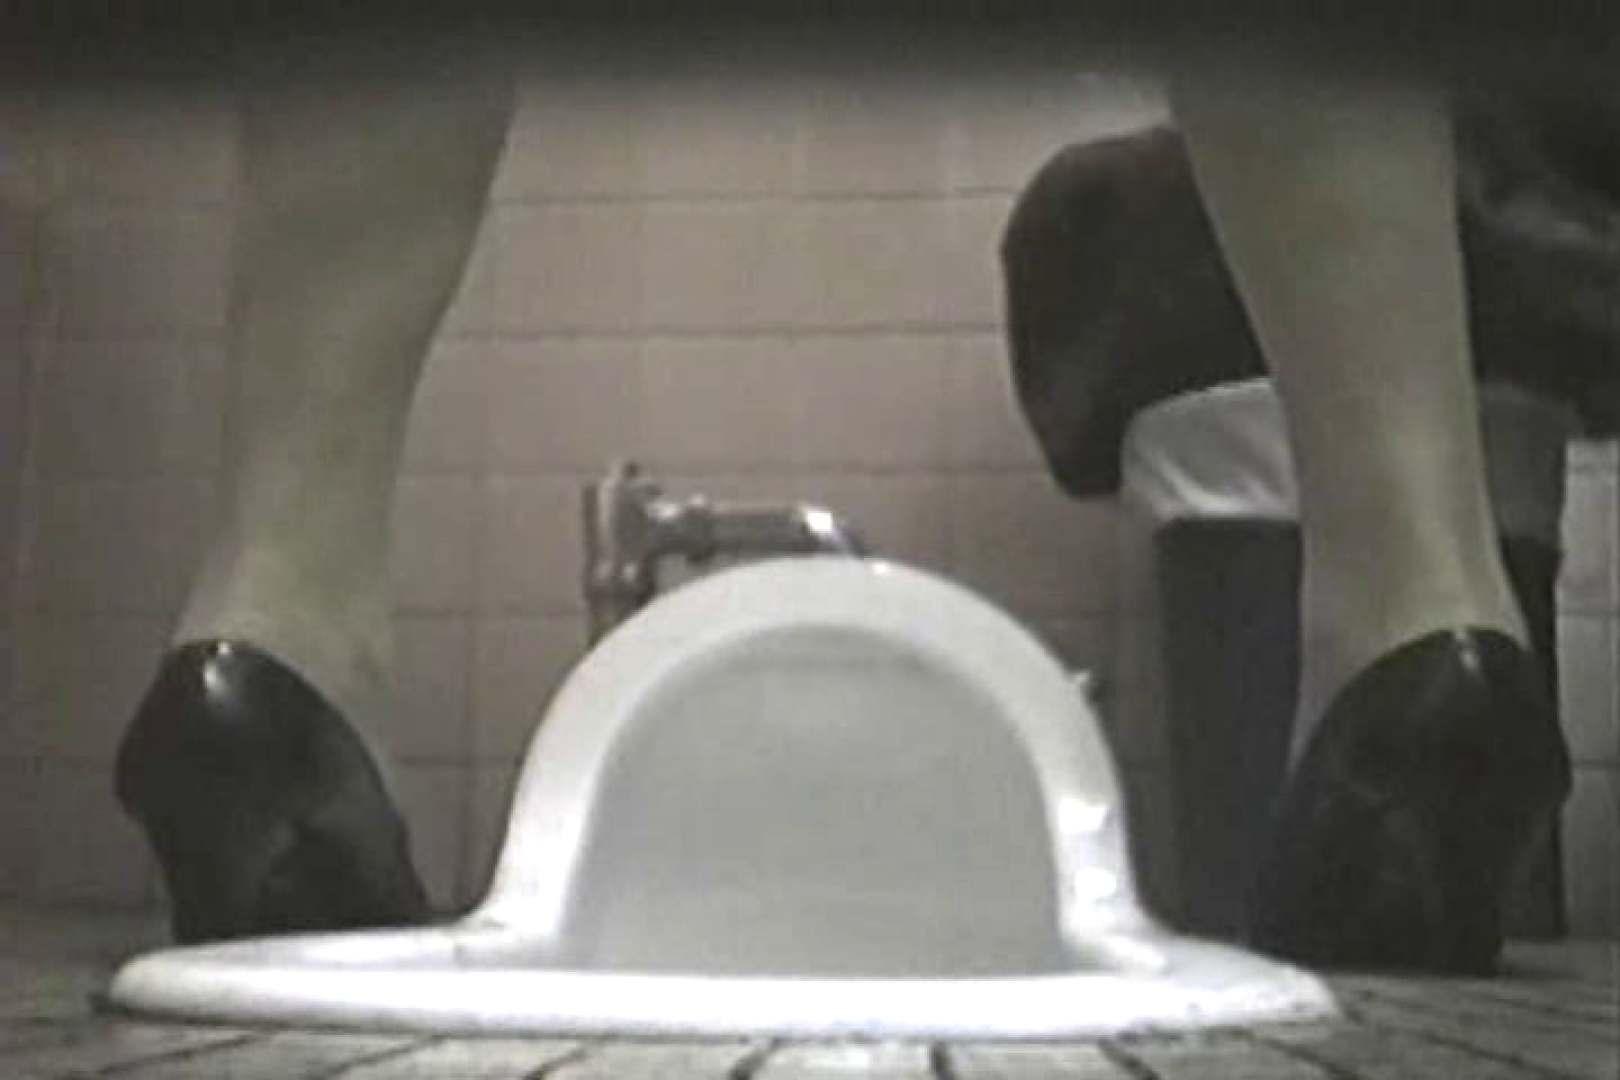 プロには撮れない女子洗面所の内部 TK-70 下半身 セックス画像 101pic 29